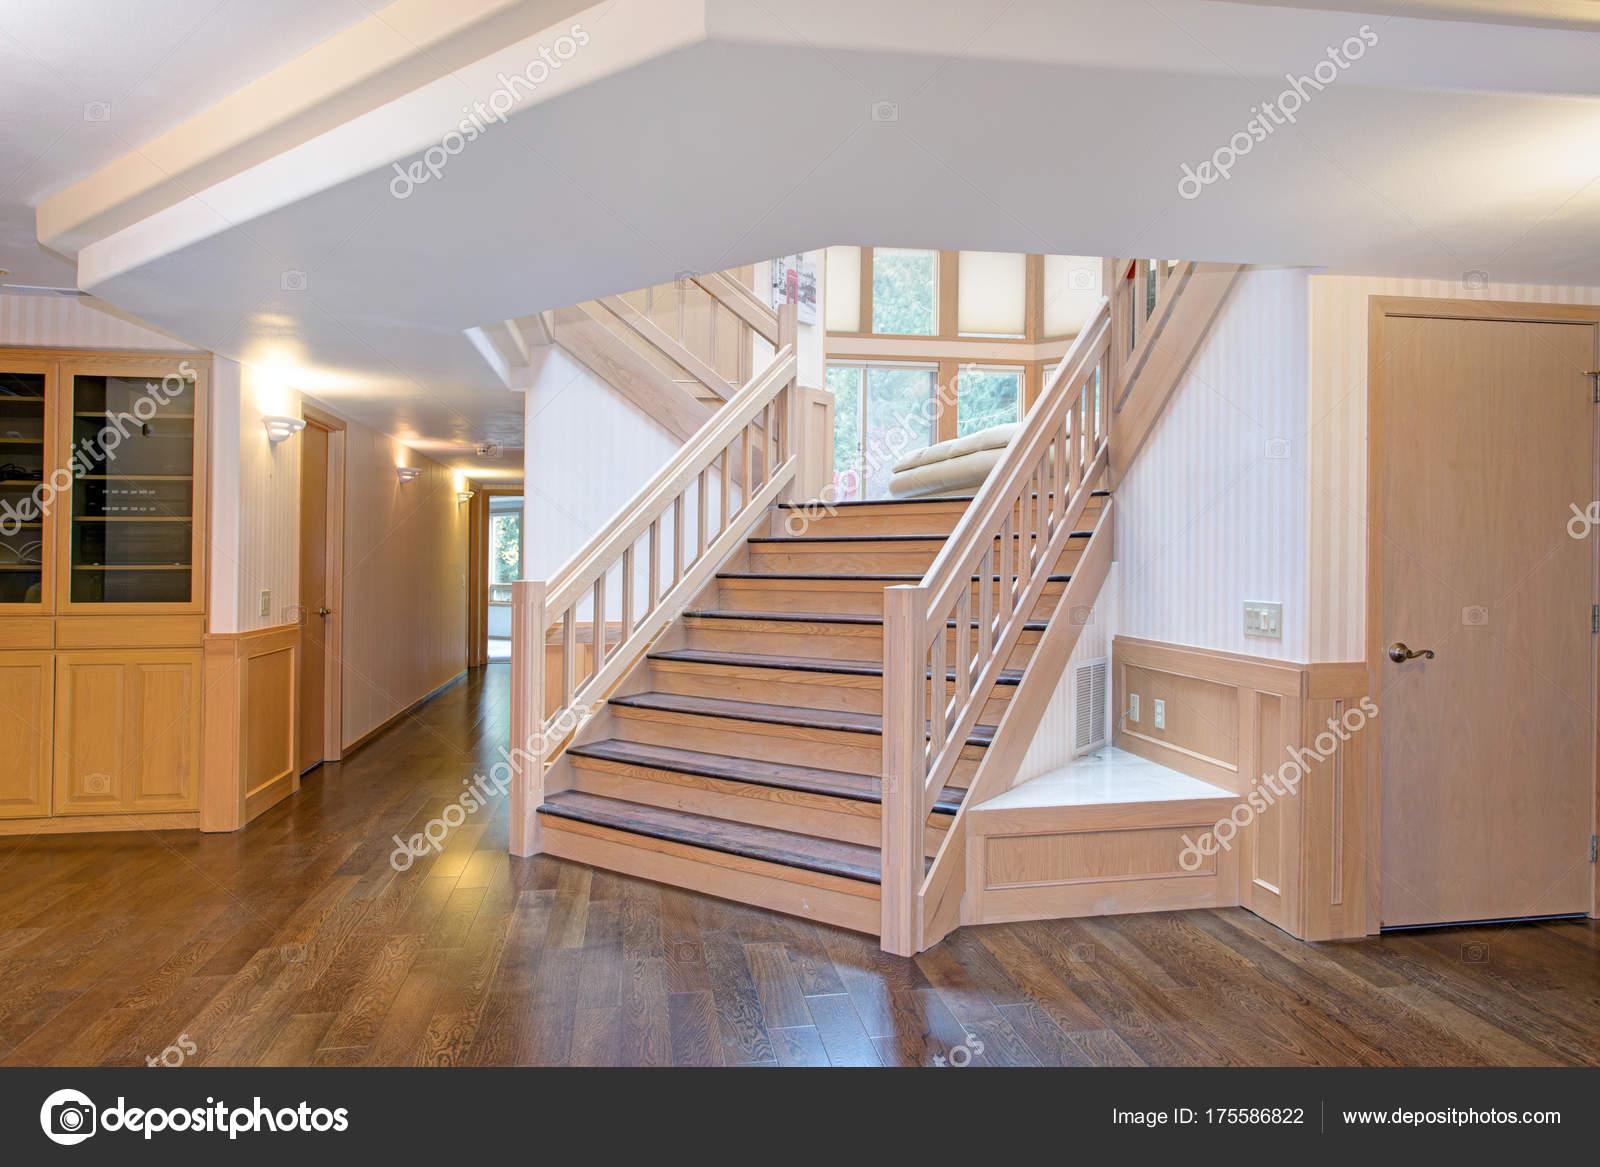 Spacious Schöne Treppen Best Choice Of Weiße Holz Flur Innenraum Akzentuiert Mit Eine